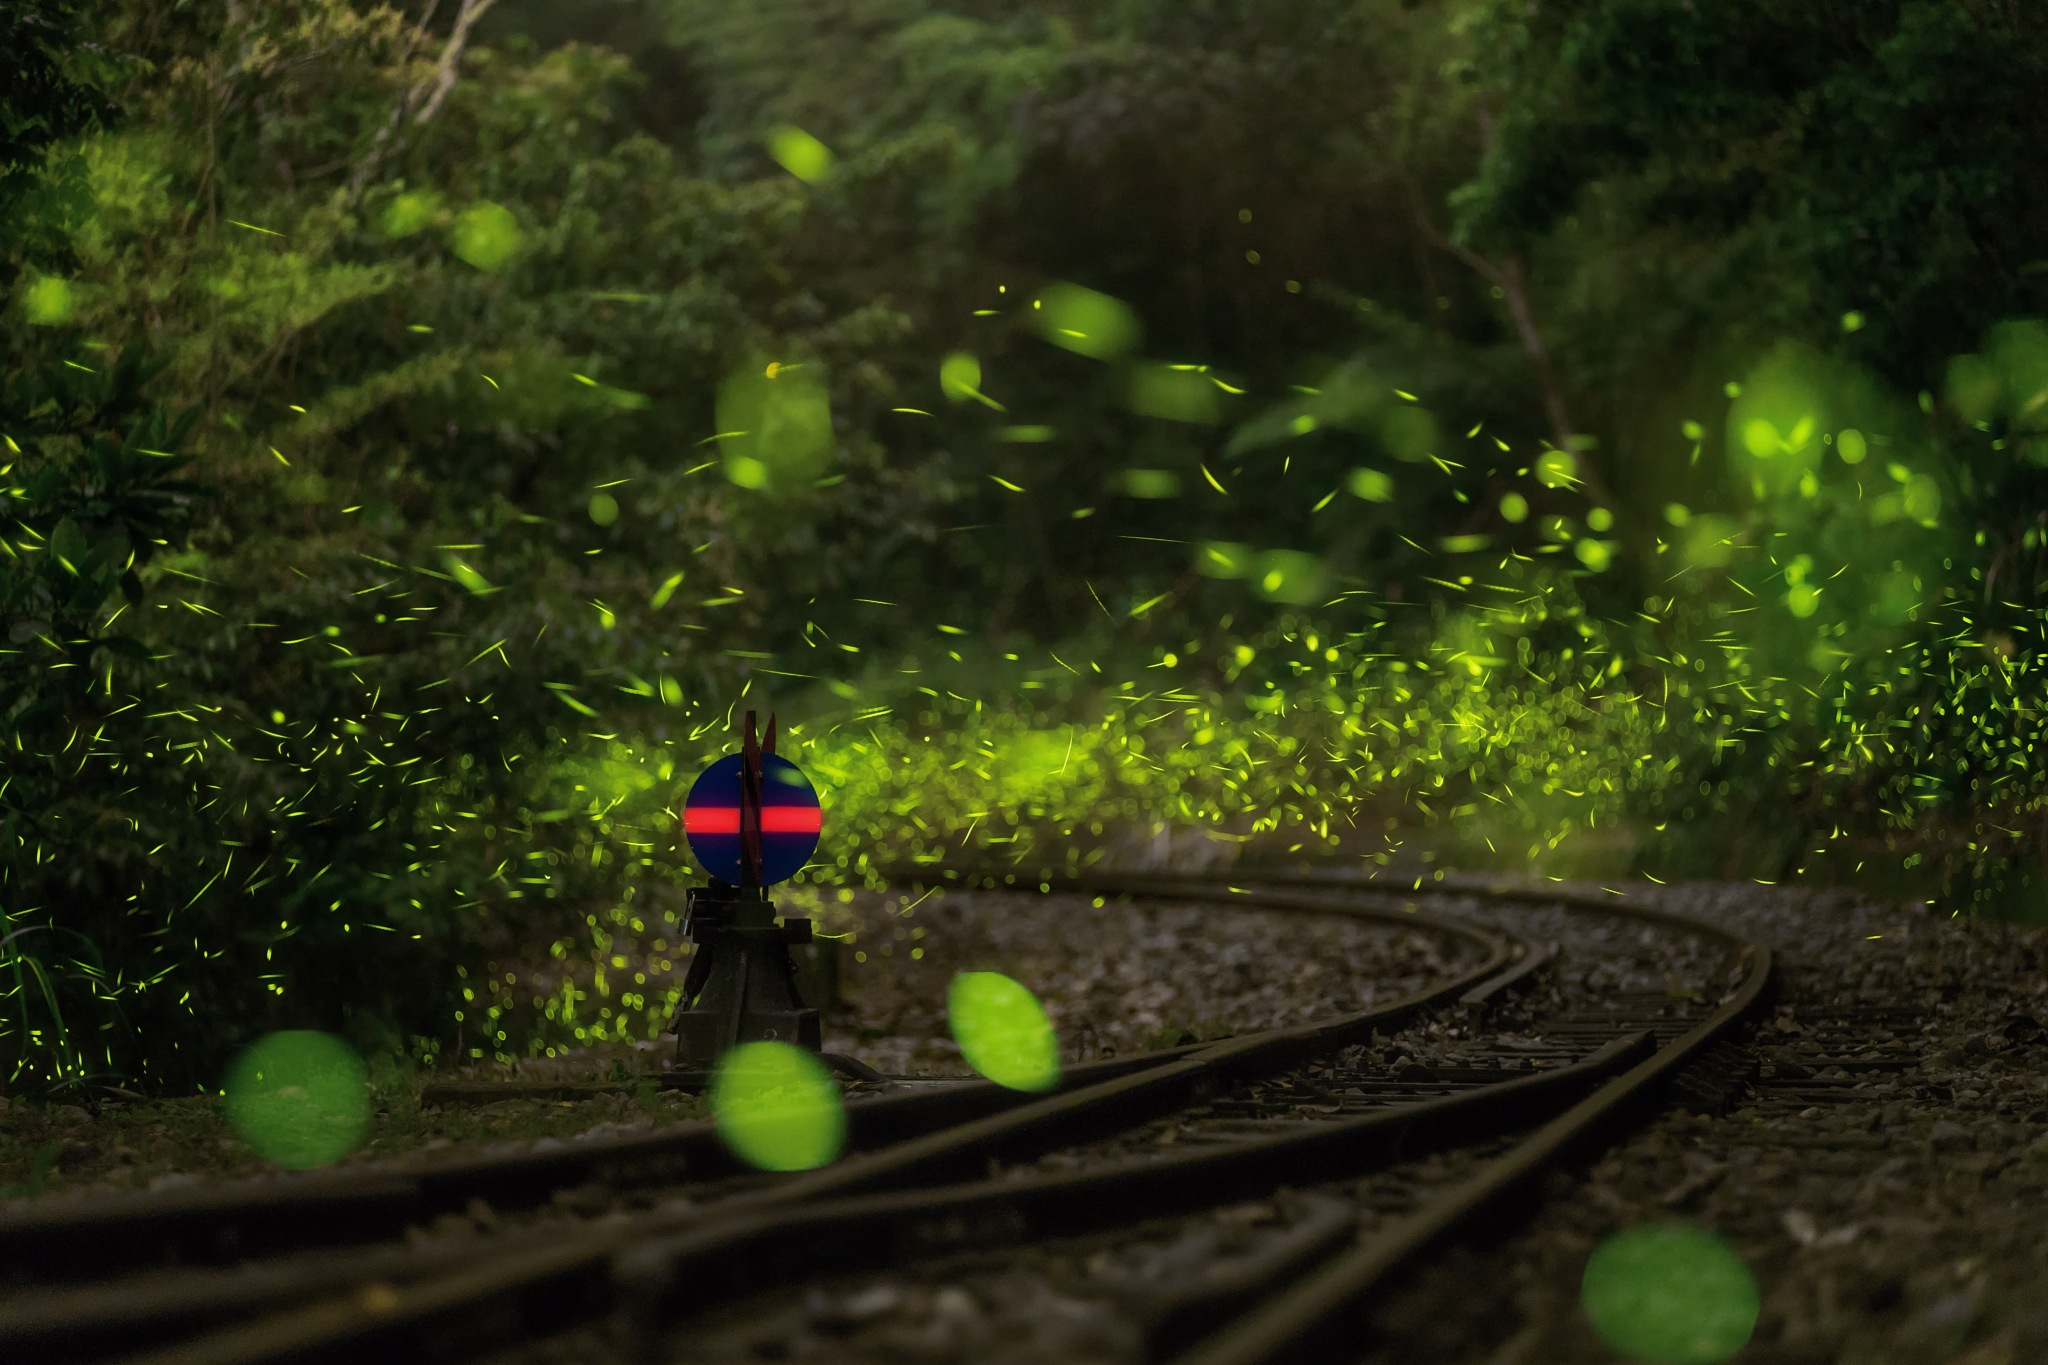 鐵道飛螢 by Yueh Chun Chén